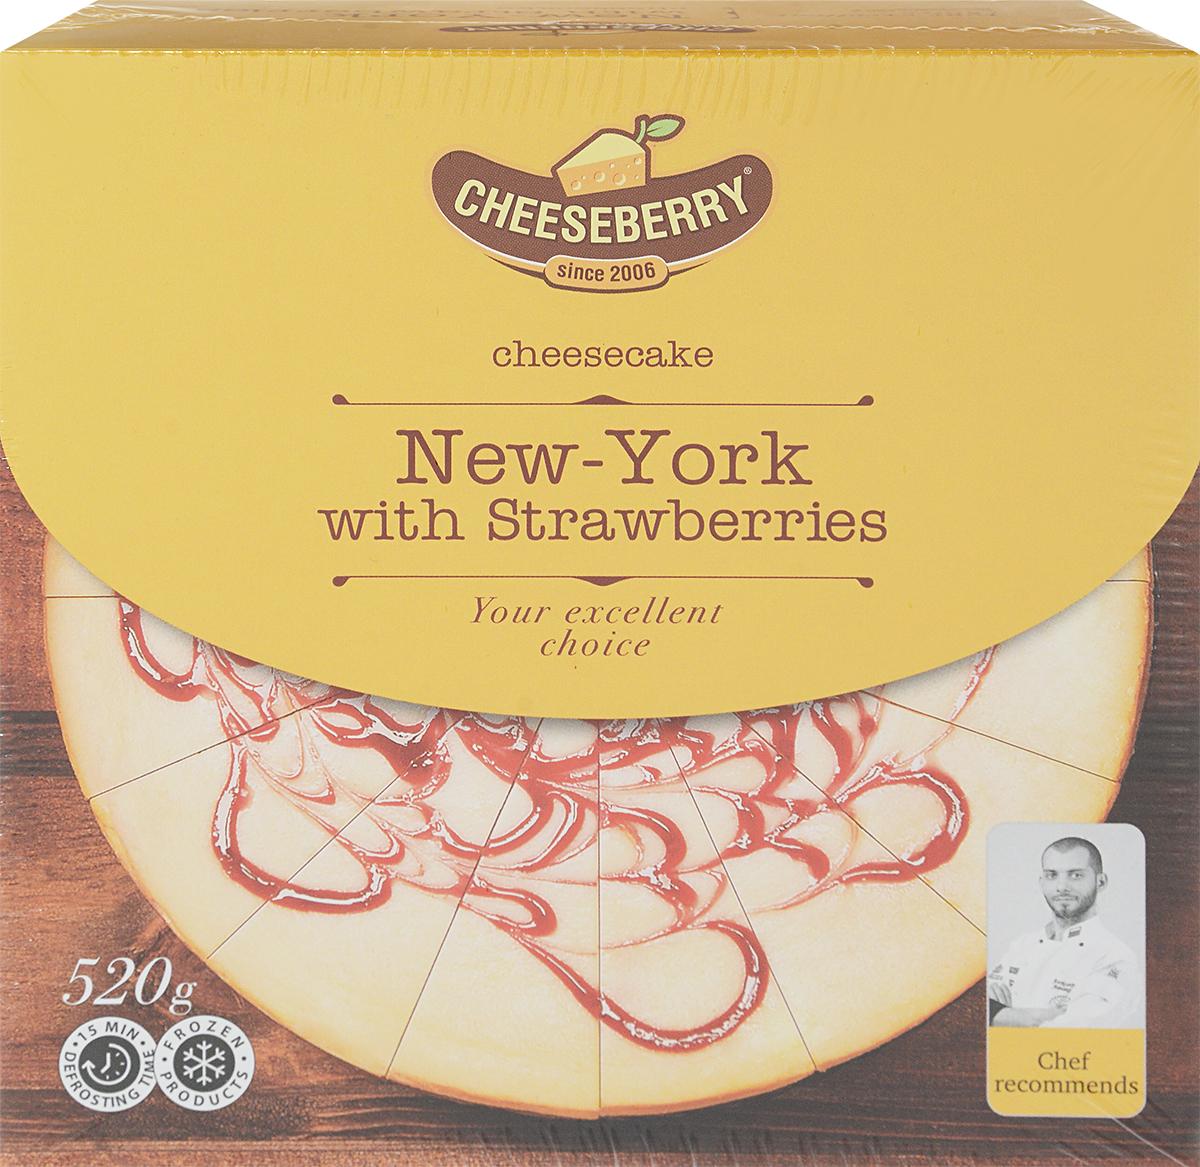 Cheeseberry Чизкейк New-York с клубникой, 520 г автомобильный холодильник waeco tropicool tcx 35 33л